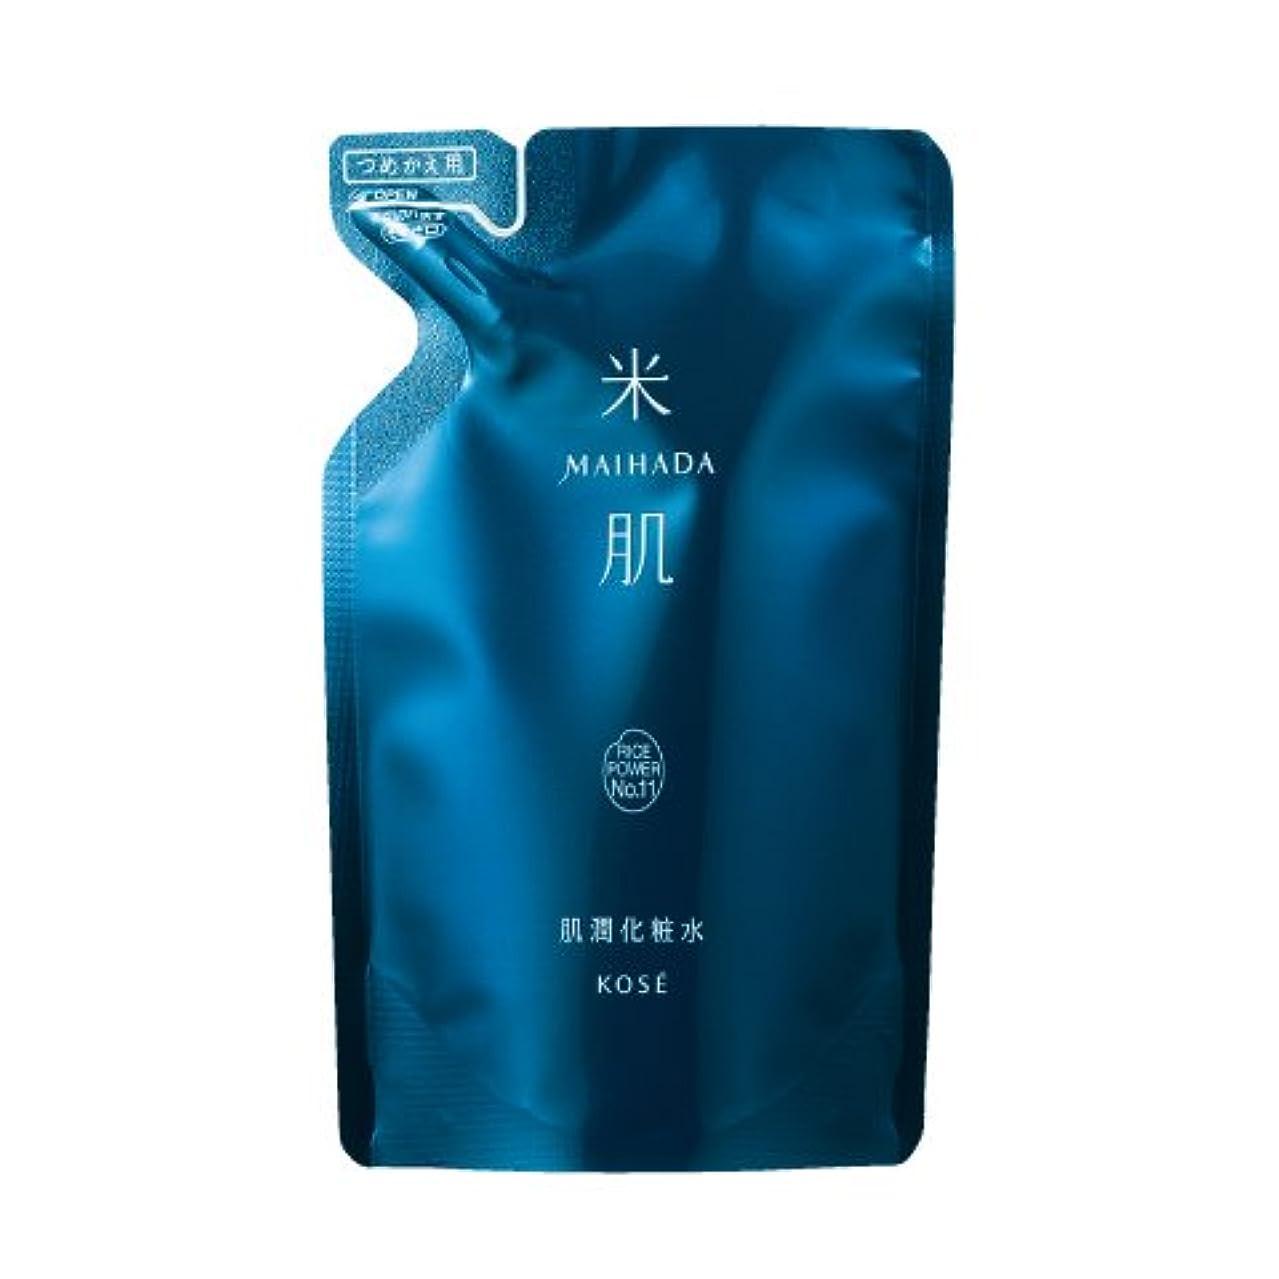 広告するホールドオールくさび米肌 MAIHADA 肌潤化粧水 つめかえ用 110ml